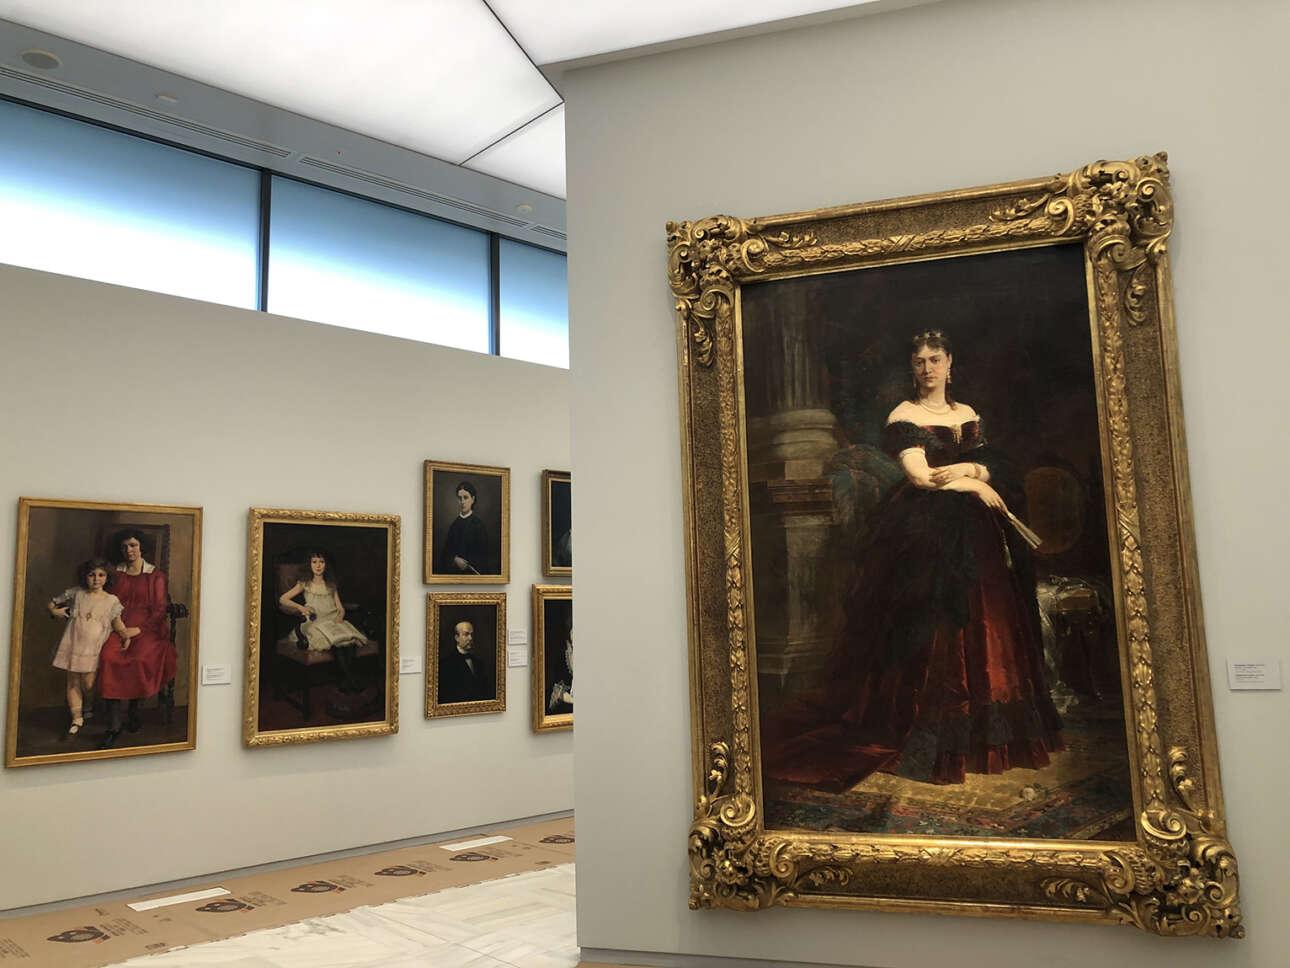 Νικηφόρος Λύτρας, «Προσωπογραφία της κυρίας Σερπιέρη», 1869